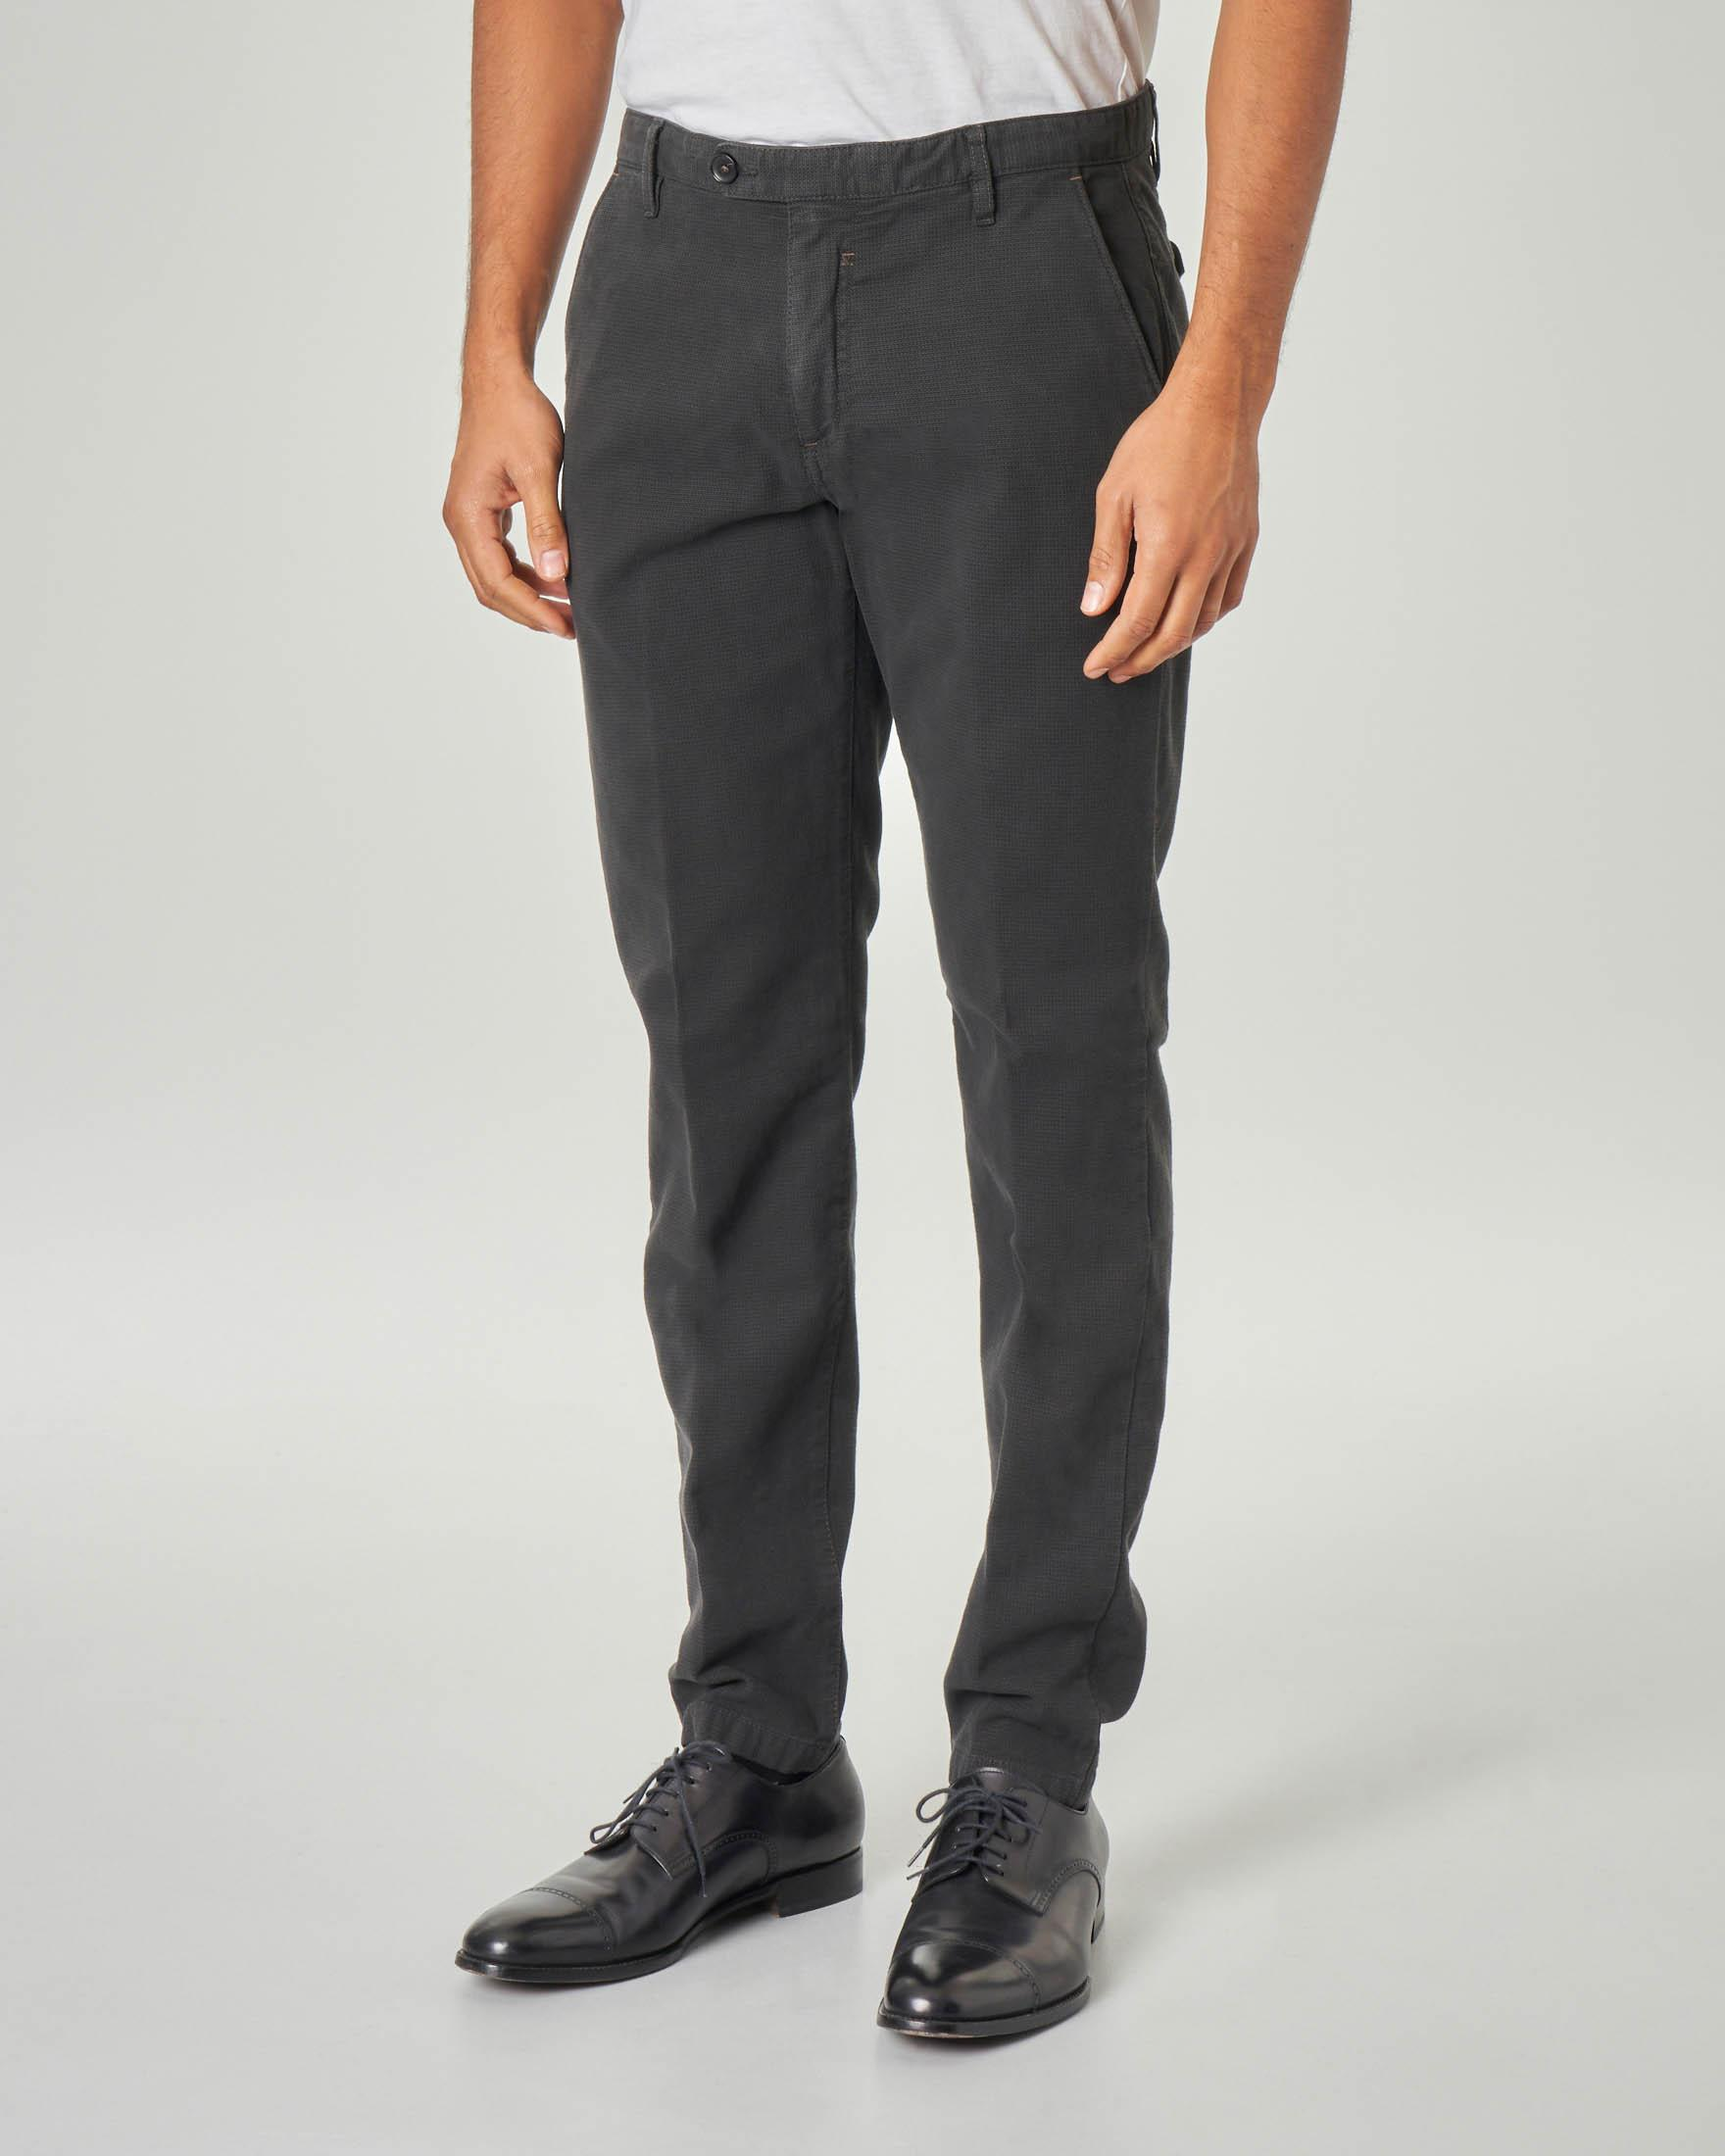 Pantalone chino grigio antracite micro-quadretto in cotone stretch